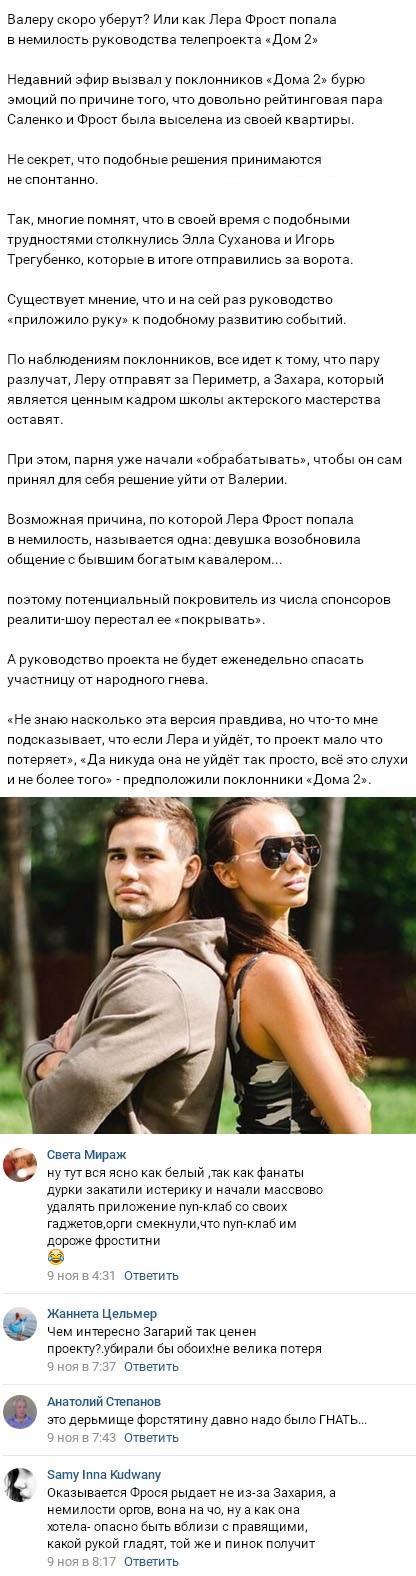 Закулисная причина расставания Валерии Фрост и Захара Саленко